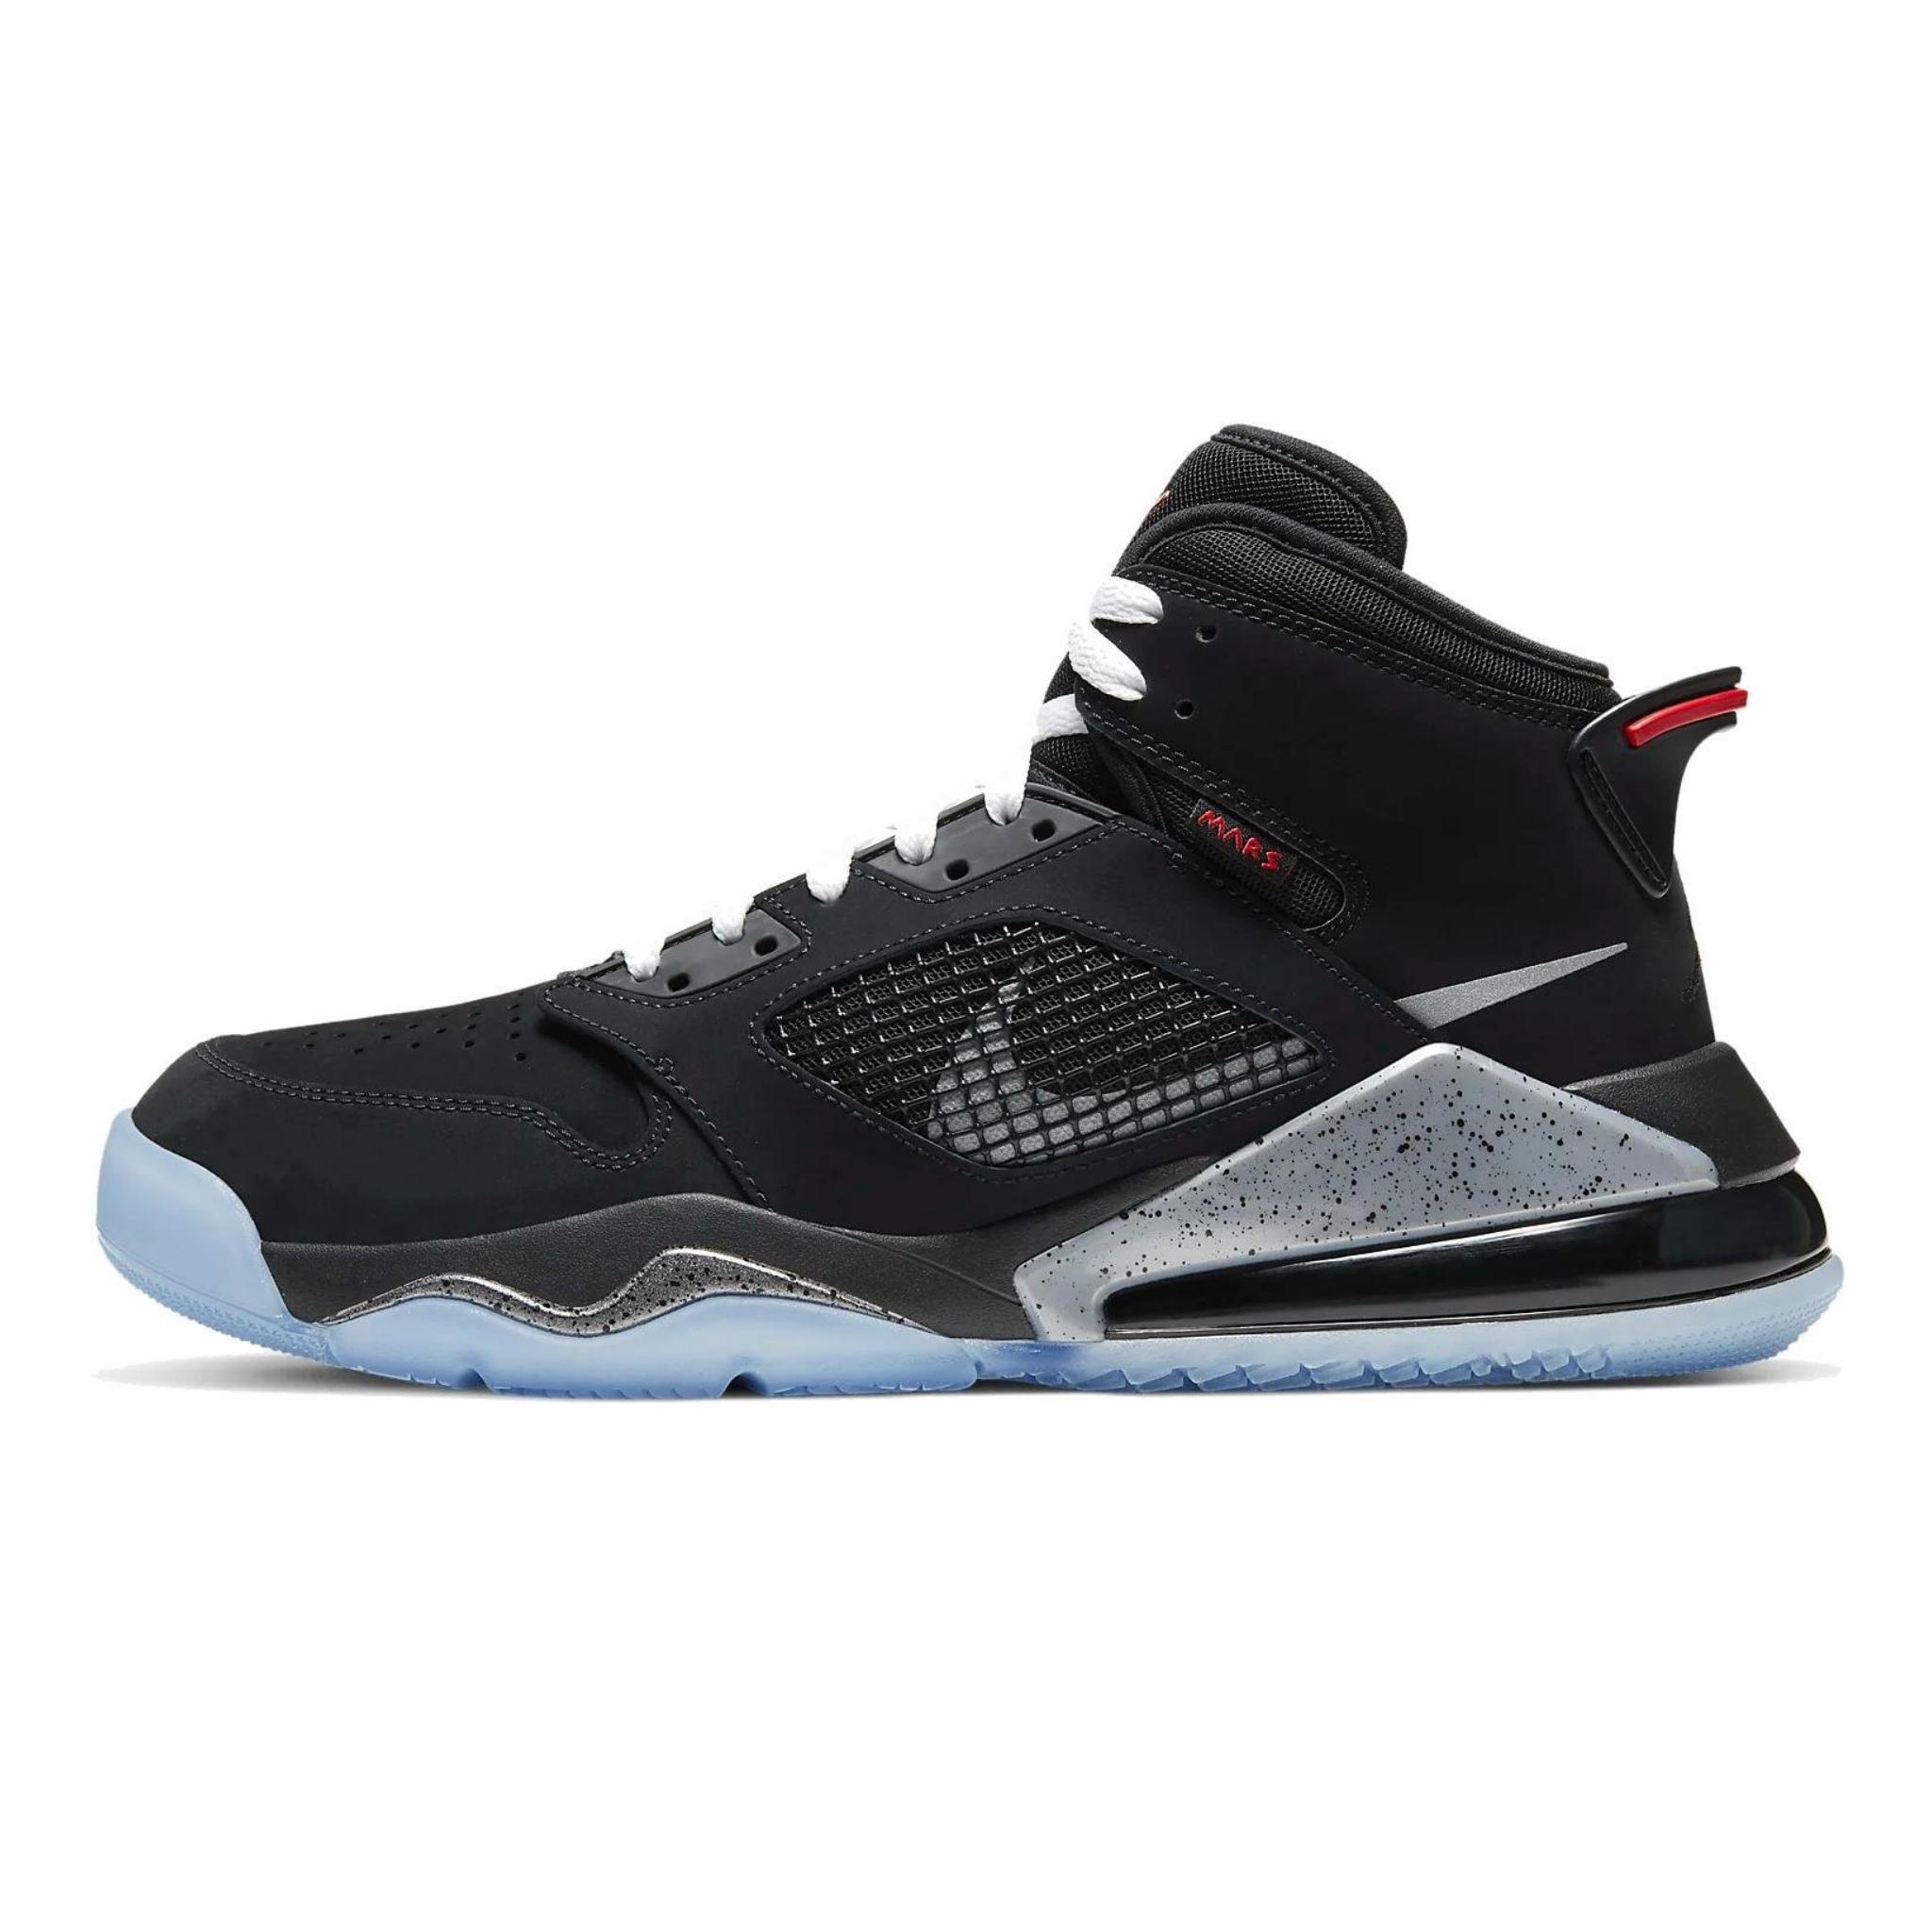 کفش بسکتبال مردانه نایک ایر جردن مدل MARS 270